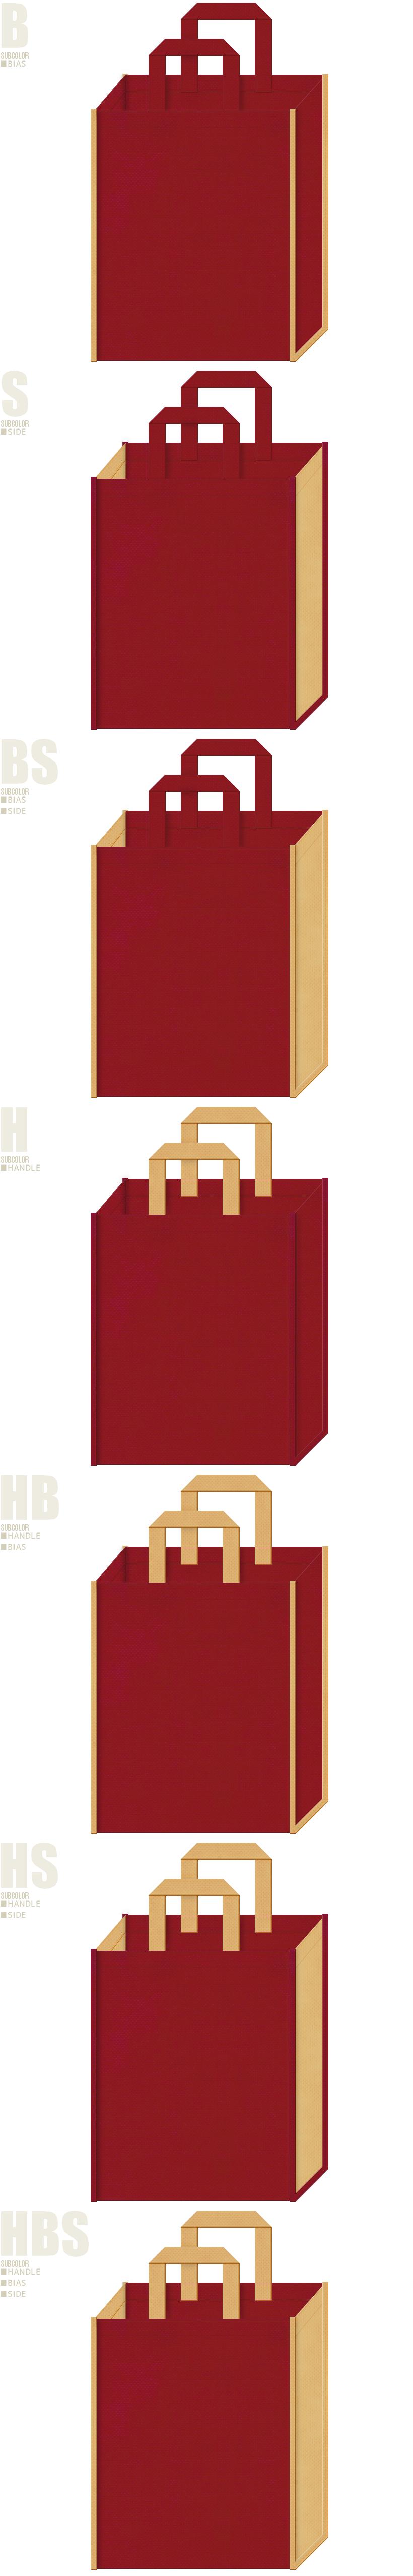 能・浄瑠璃・寄席・伝統芸能・邦楽・舞台・演芸場・和風催事にお奨めの不織布バッグデザイン:エンジ色と薄黄土色の配色7パターン